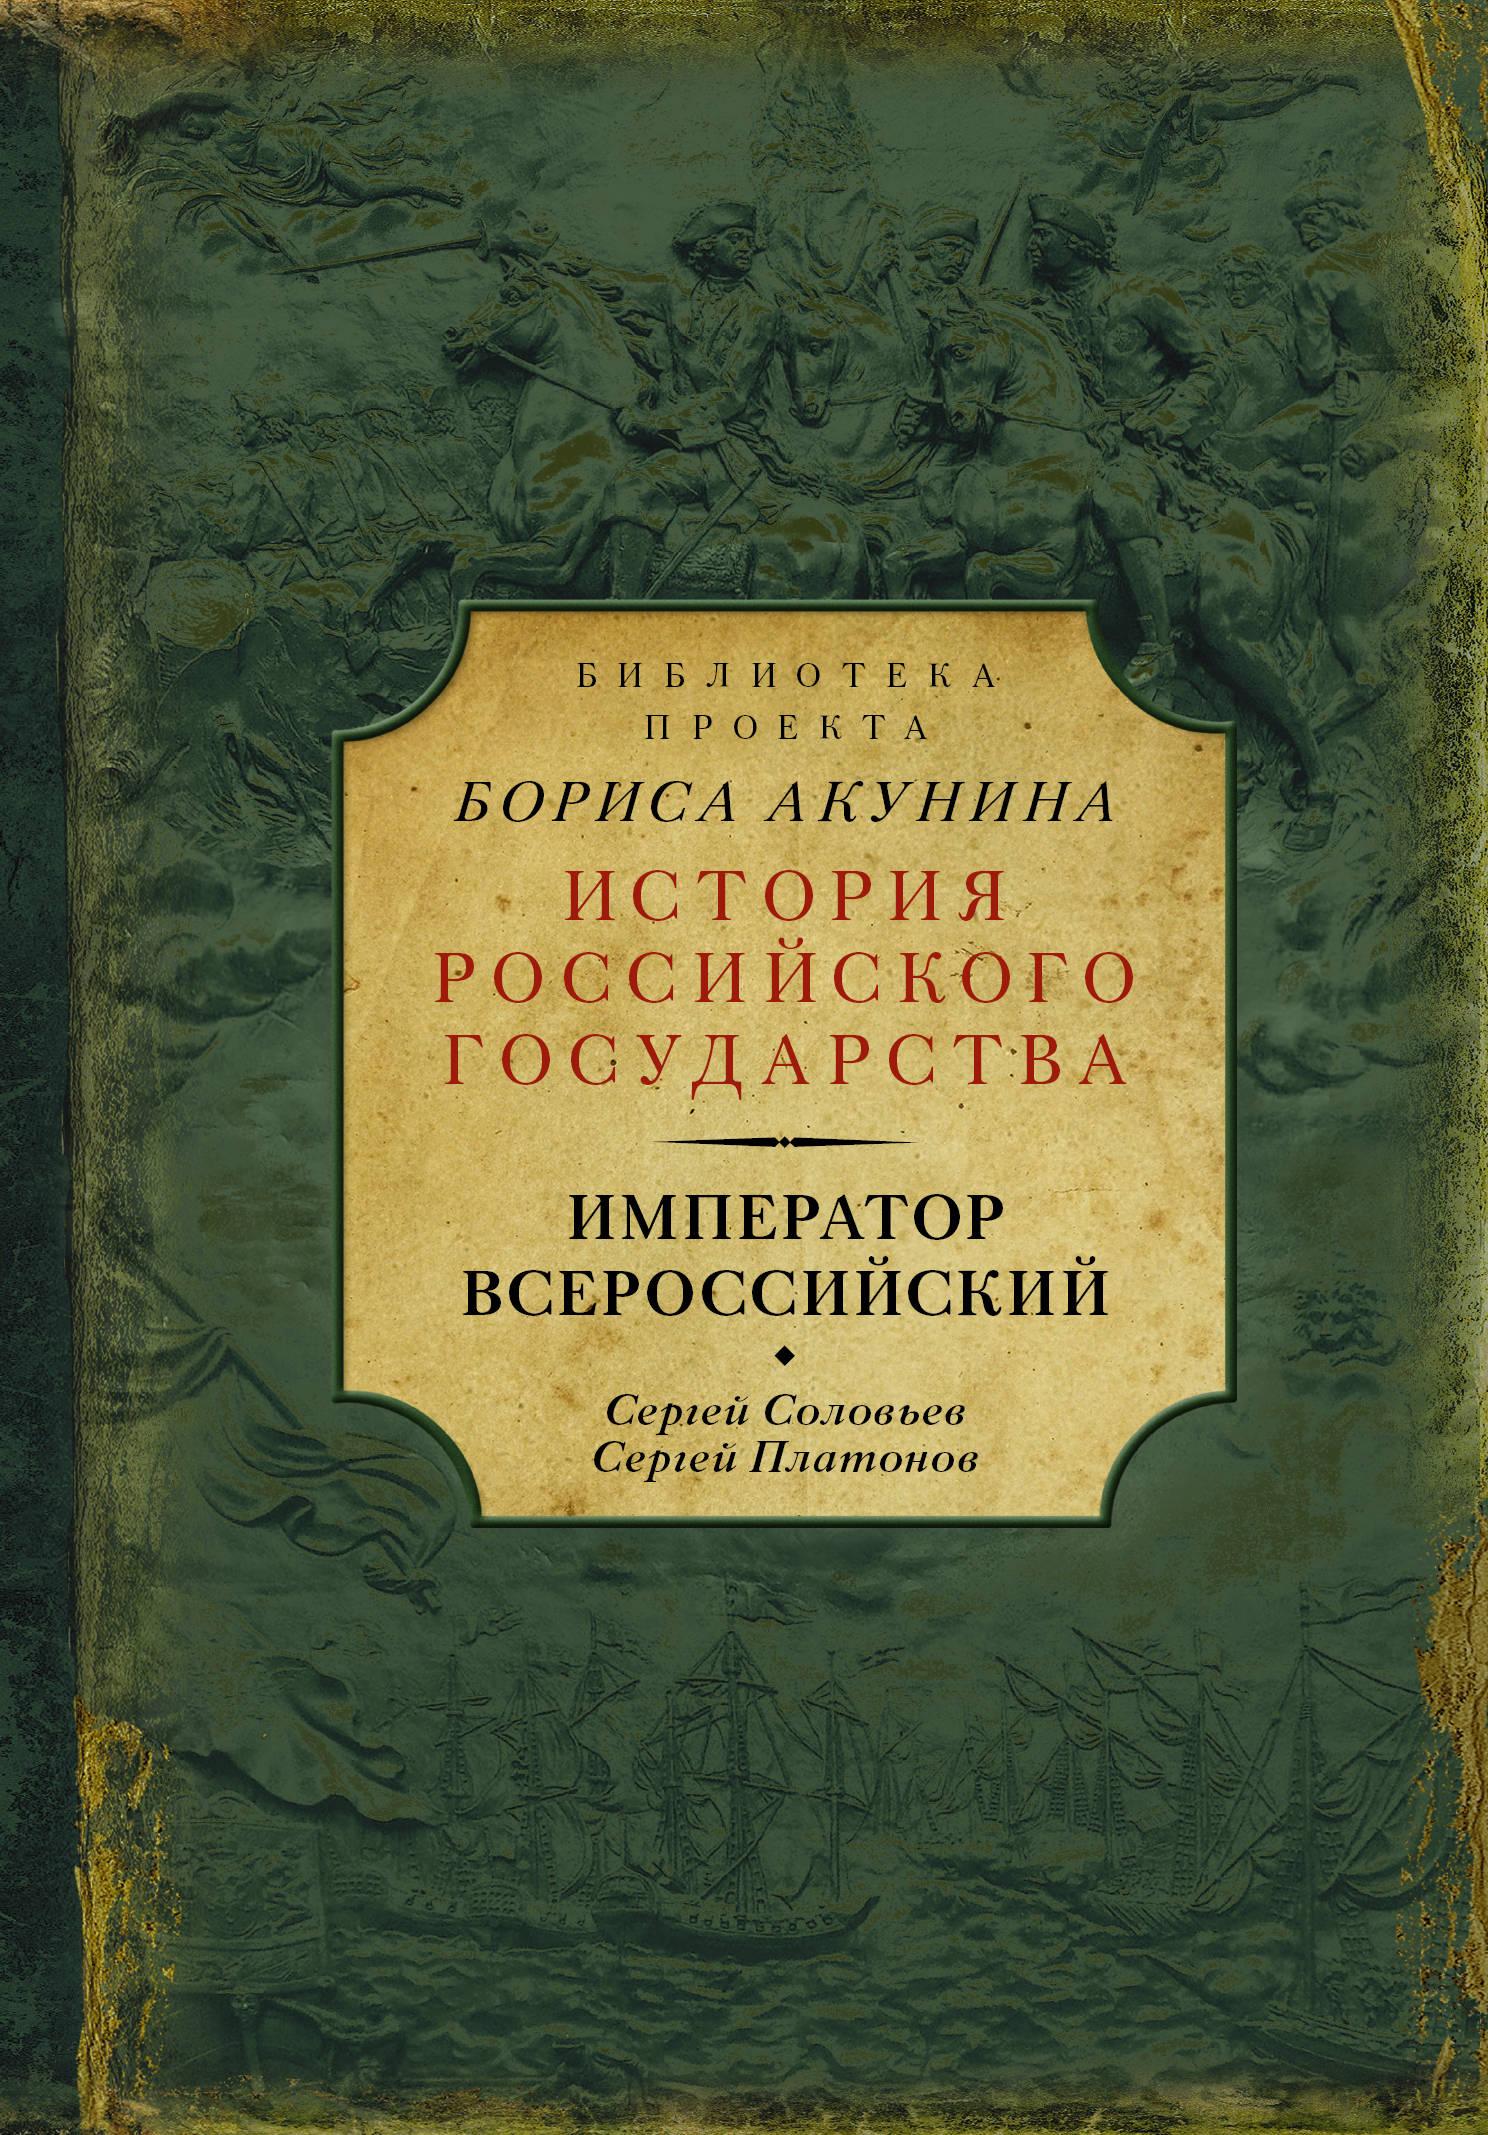 Сергей Соловьев, Сергей Платонов Император Всероссийский